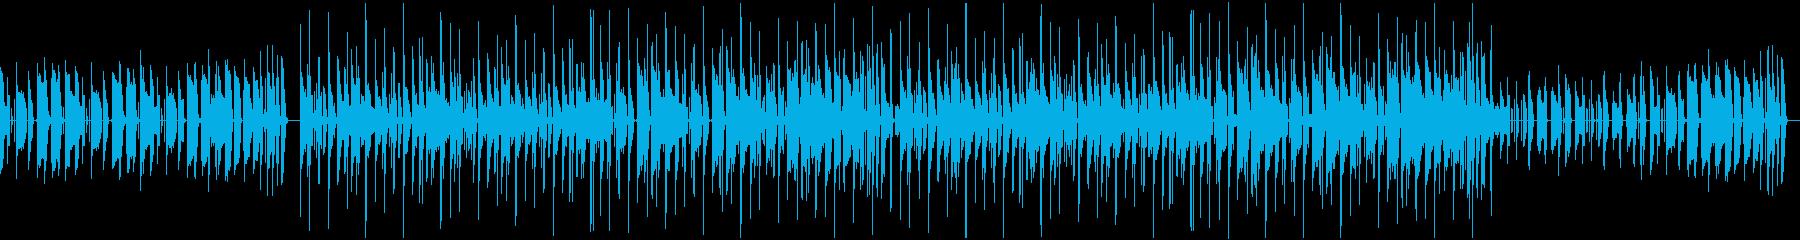 ファンキータウン モード系 おしゃれの再生済みの波形